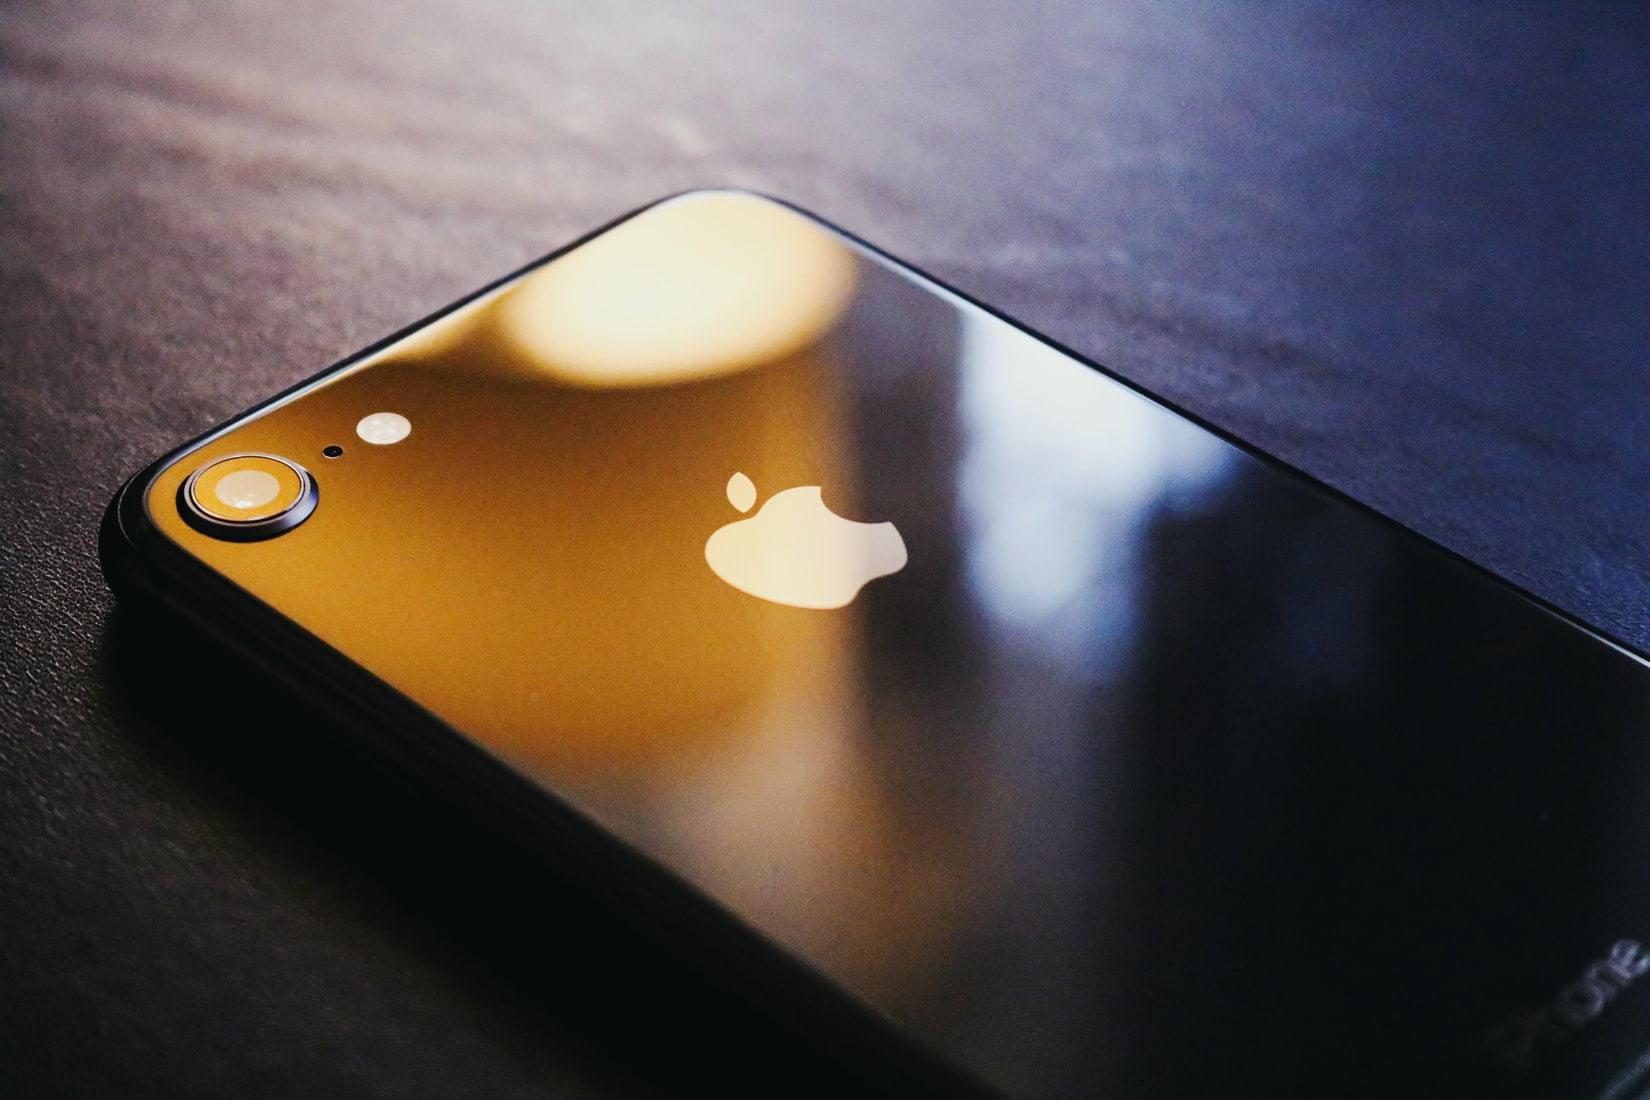 Arka Camı Değişmiş iPhone Nasıl Anlaşılır?